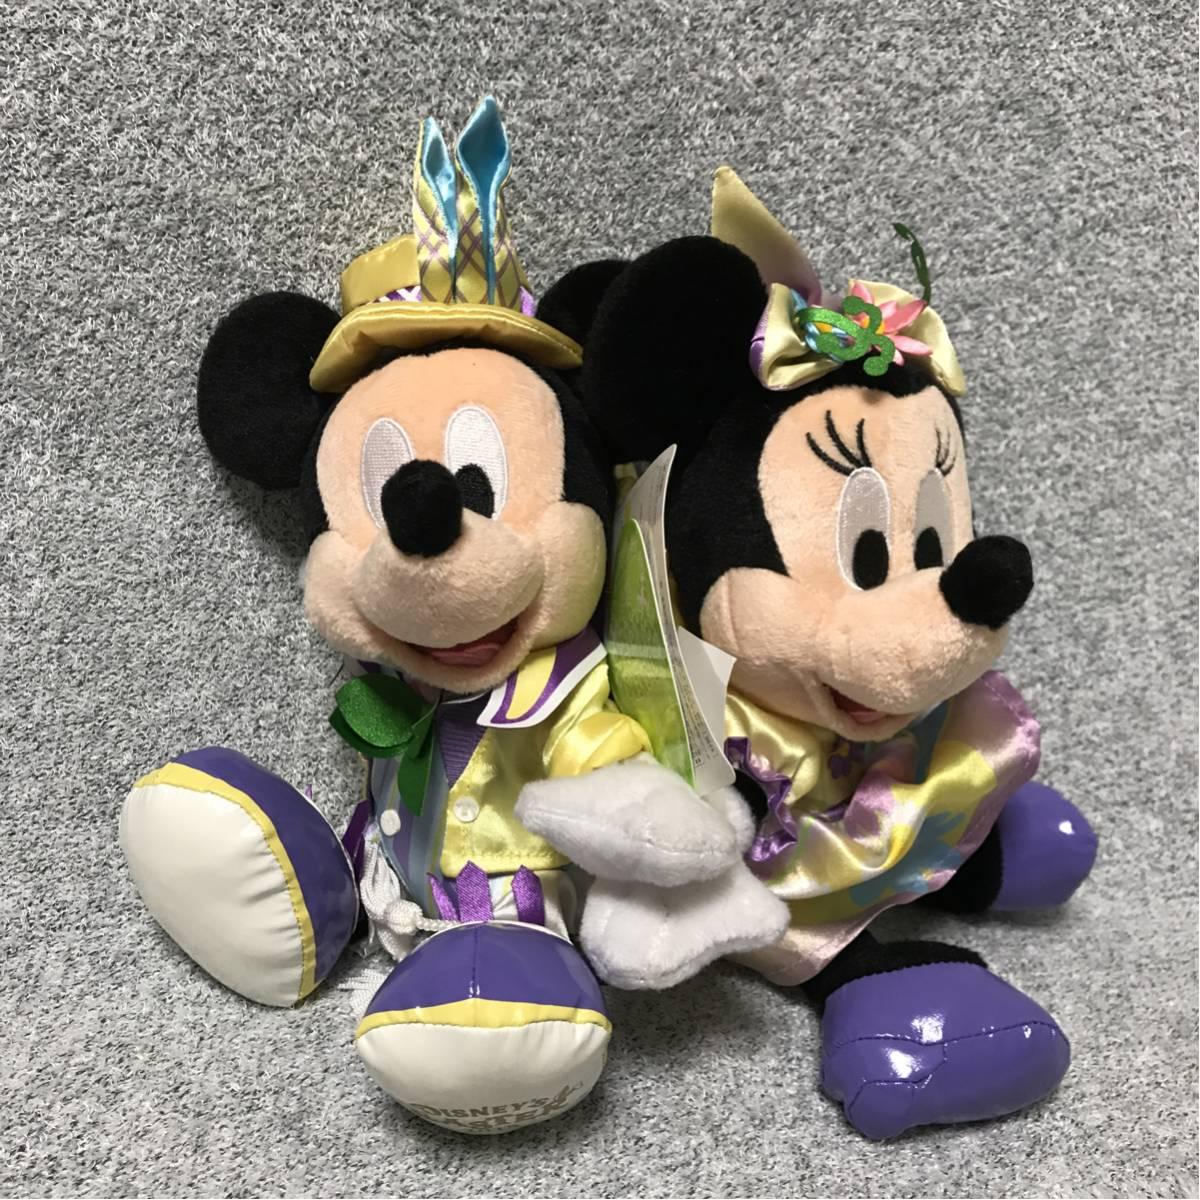 ディズニーリゾート 2015 イースター ミッキー ミニー ぬいぐるみ 新品 ディズニーグッズの画像